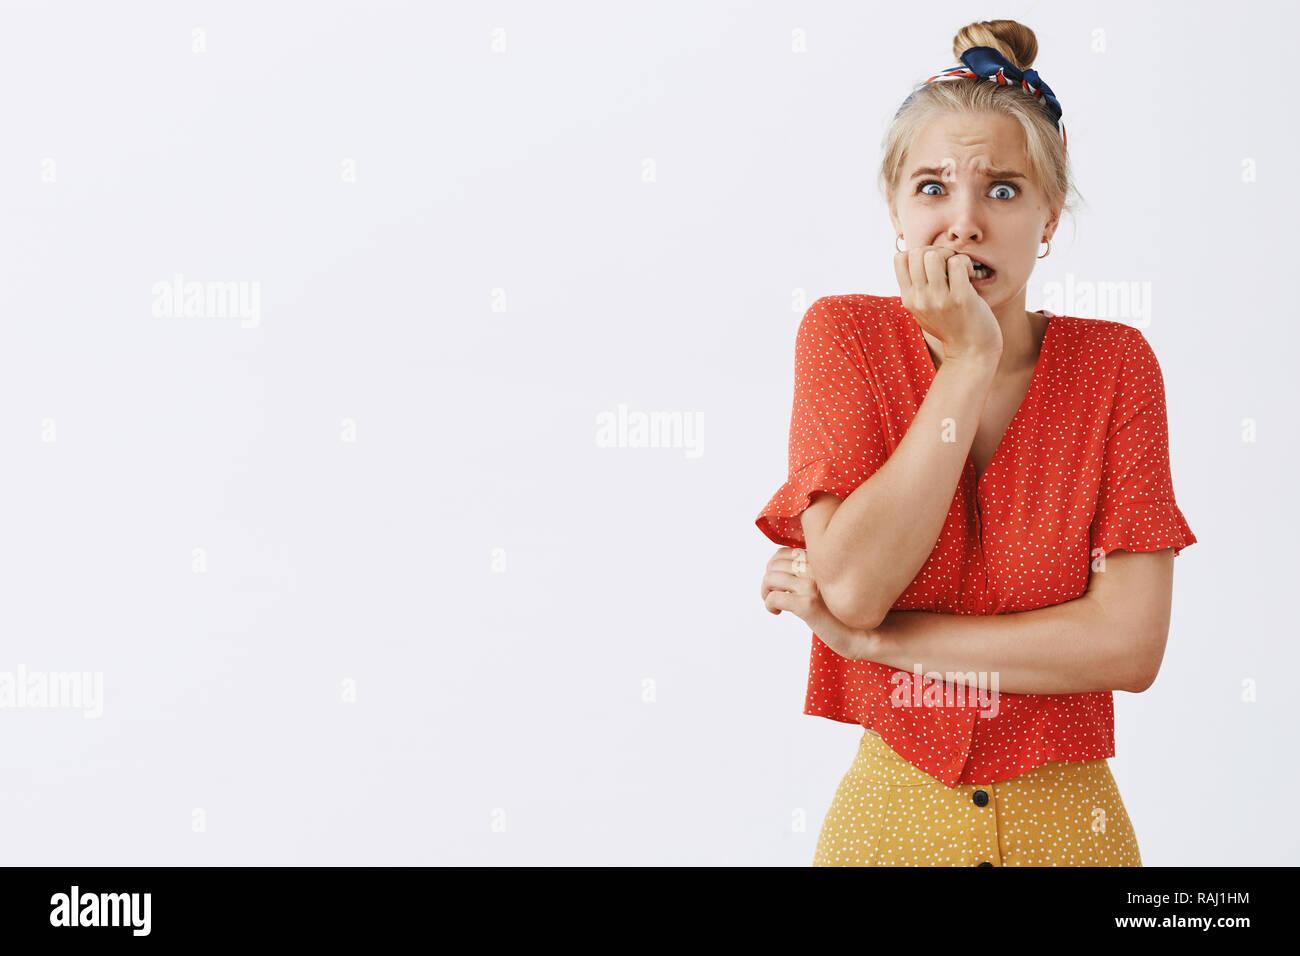 Portrait de peur panique de femme nerveux en permanent vintage chemisier en pointillés de mordre les ongles et a fixer concernés et inquiets à l'anxiété de l'appareil photo sur fond gris Photo Stock